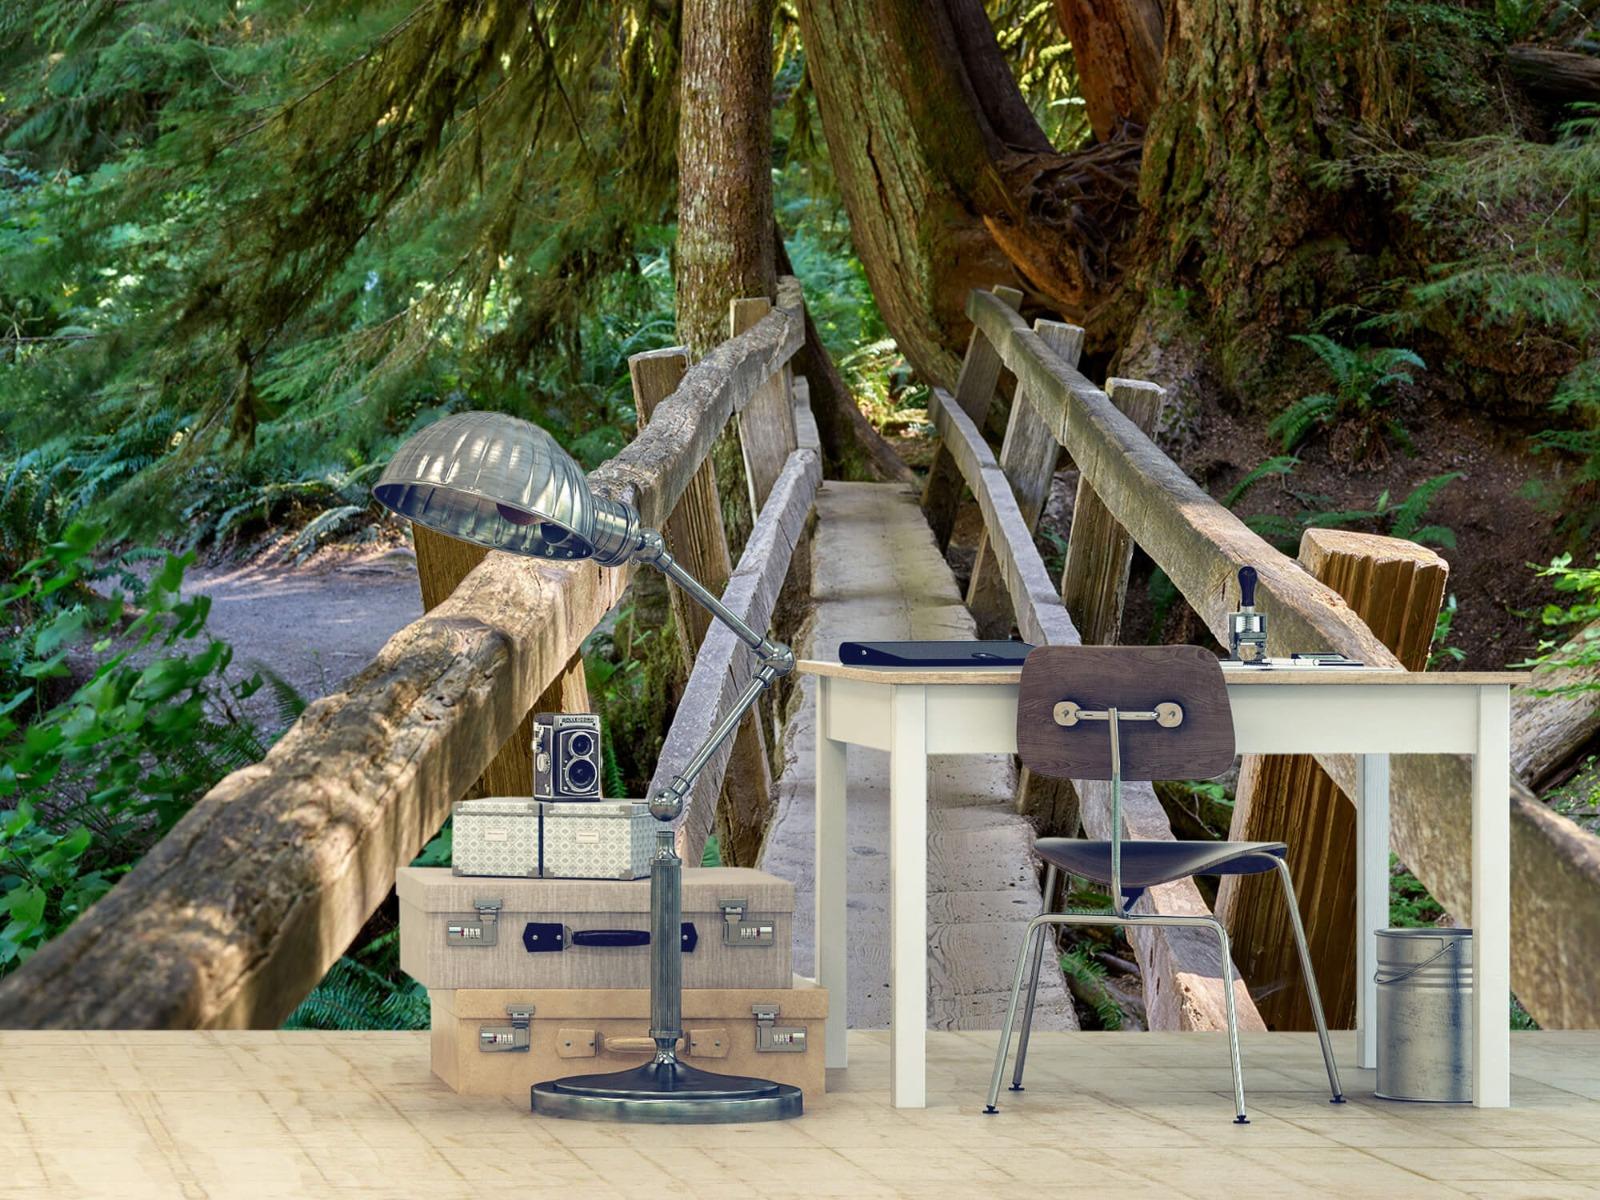 Landschap - Houten brug door het bos - Wallexclusive - Woonkamer 10